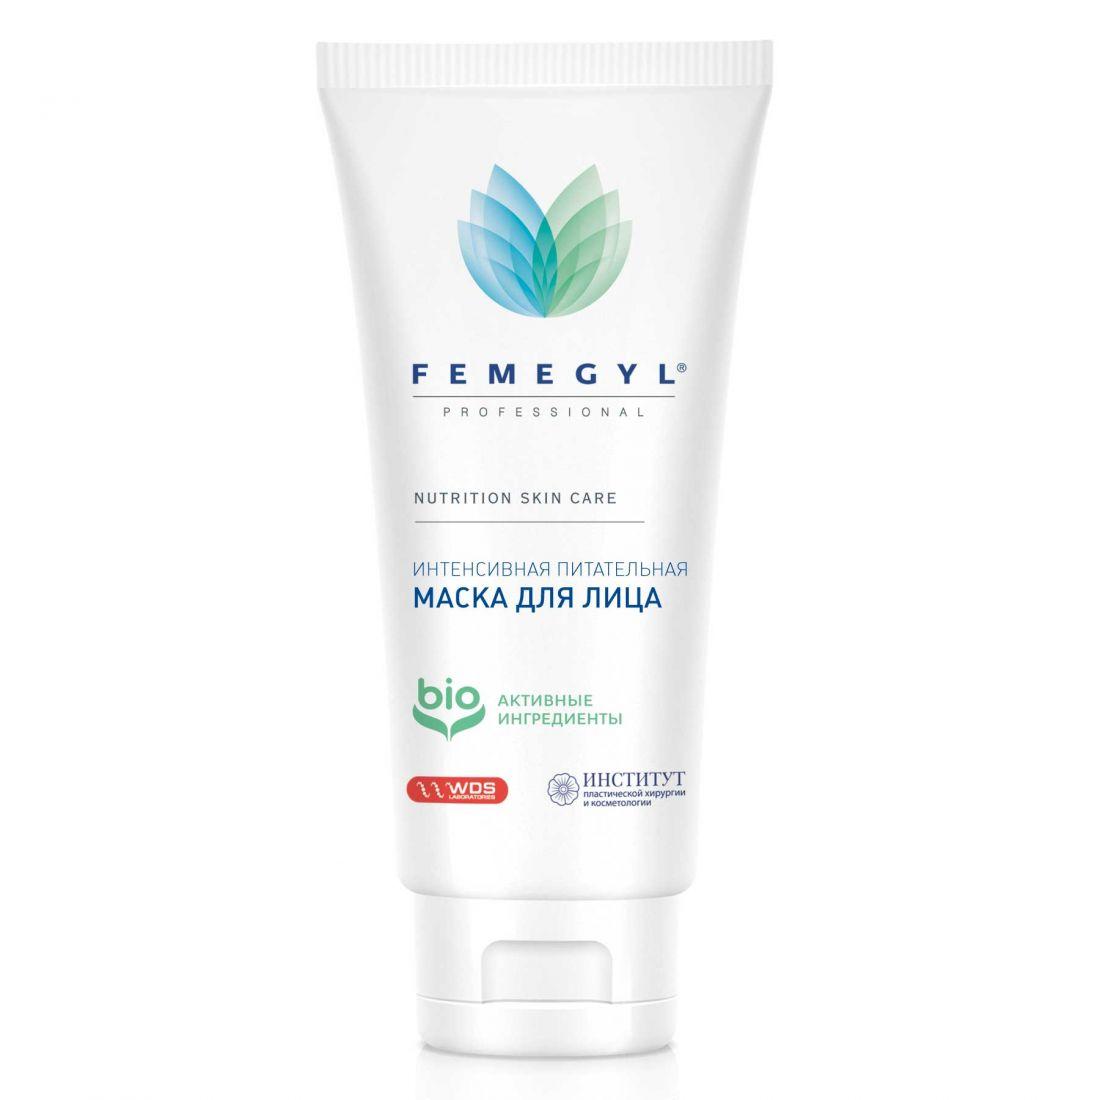 Femegyl Интенсивная питательная маска для лица, 30 мл